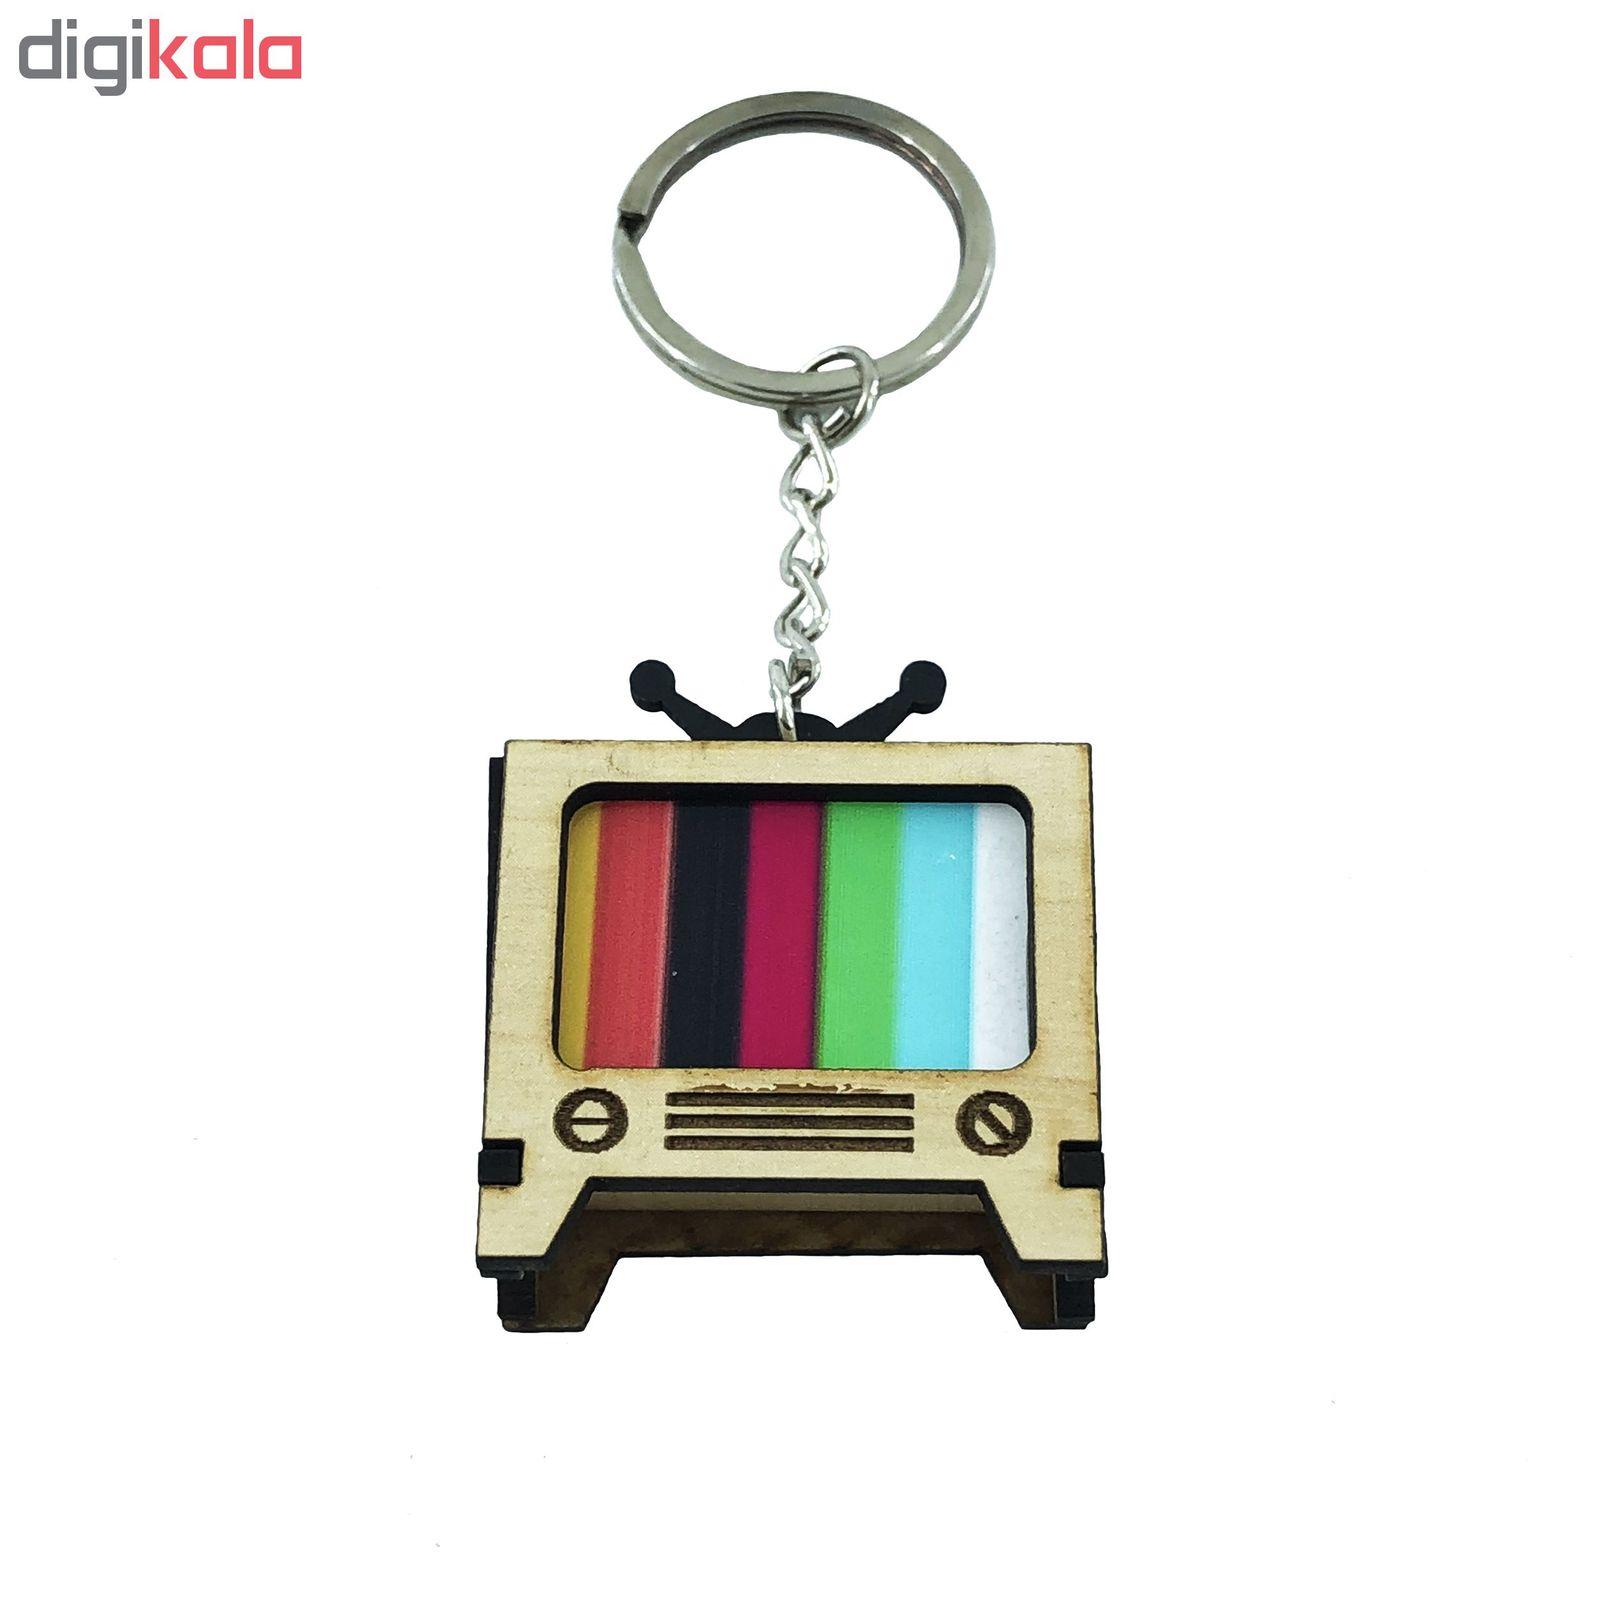 جاکلیدی گالری عزیزی طرح تلویزیون مدل GZ98348